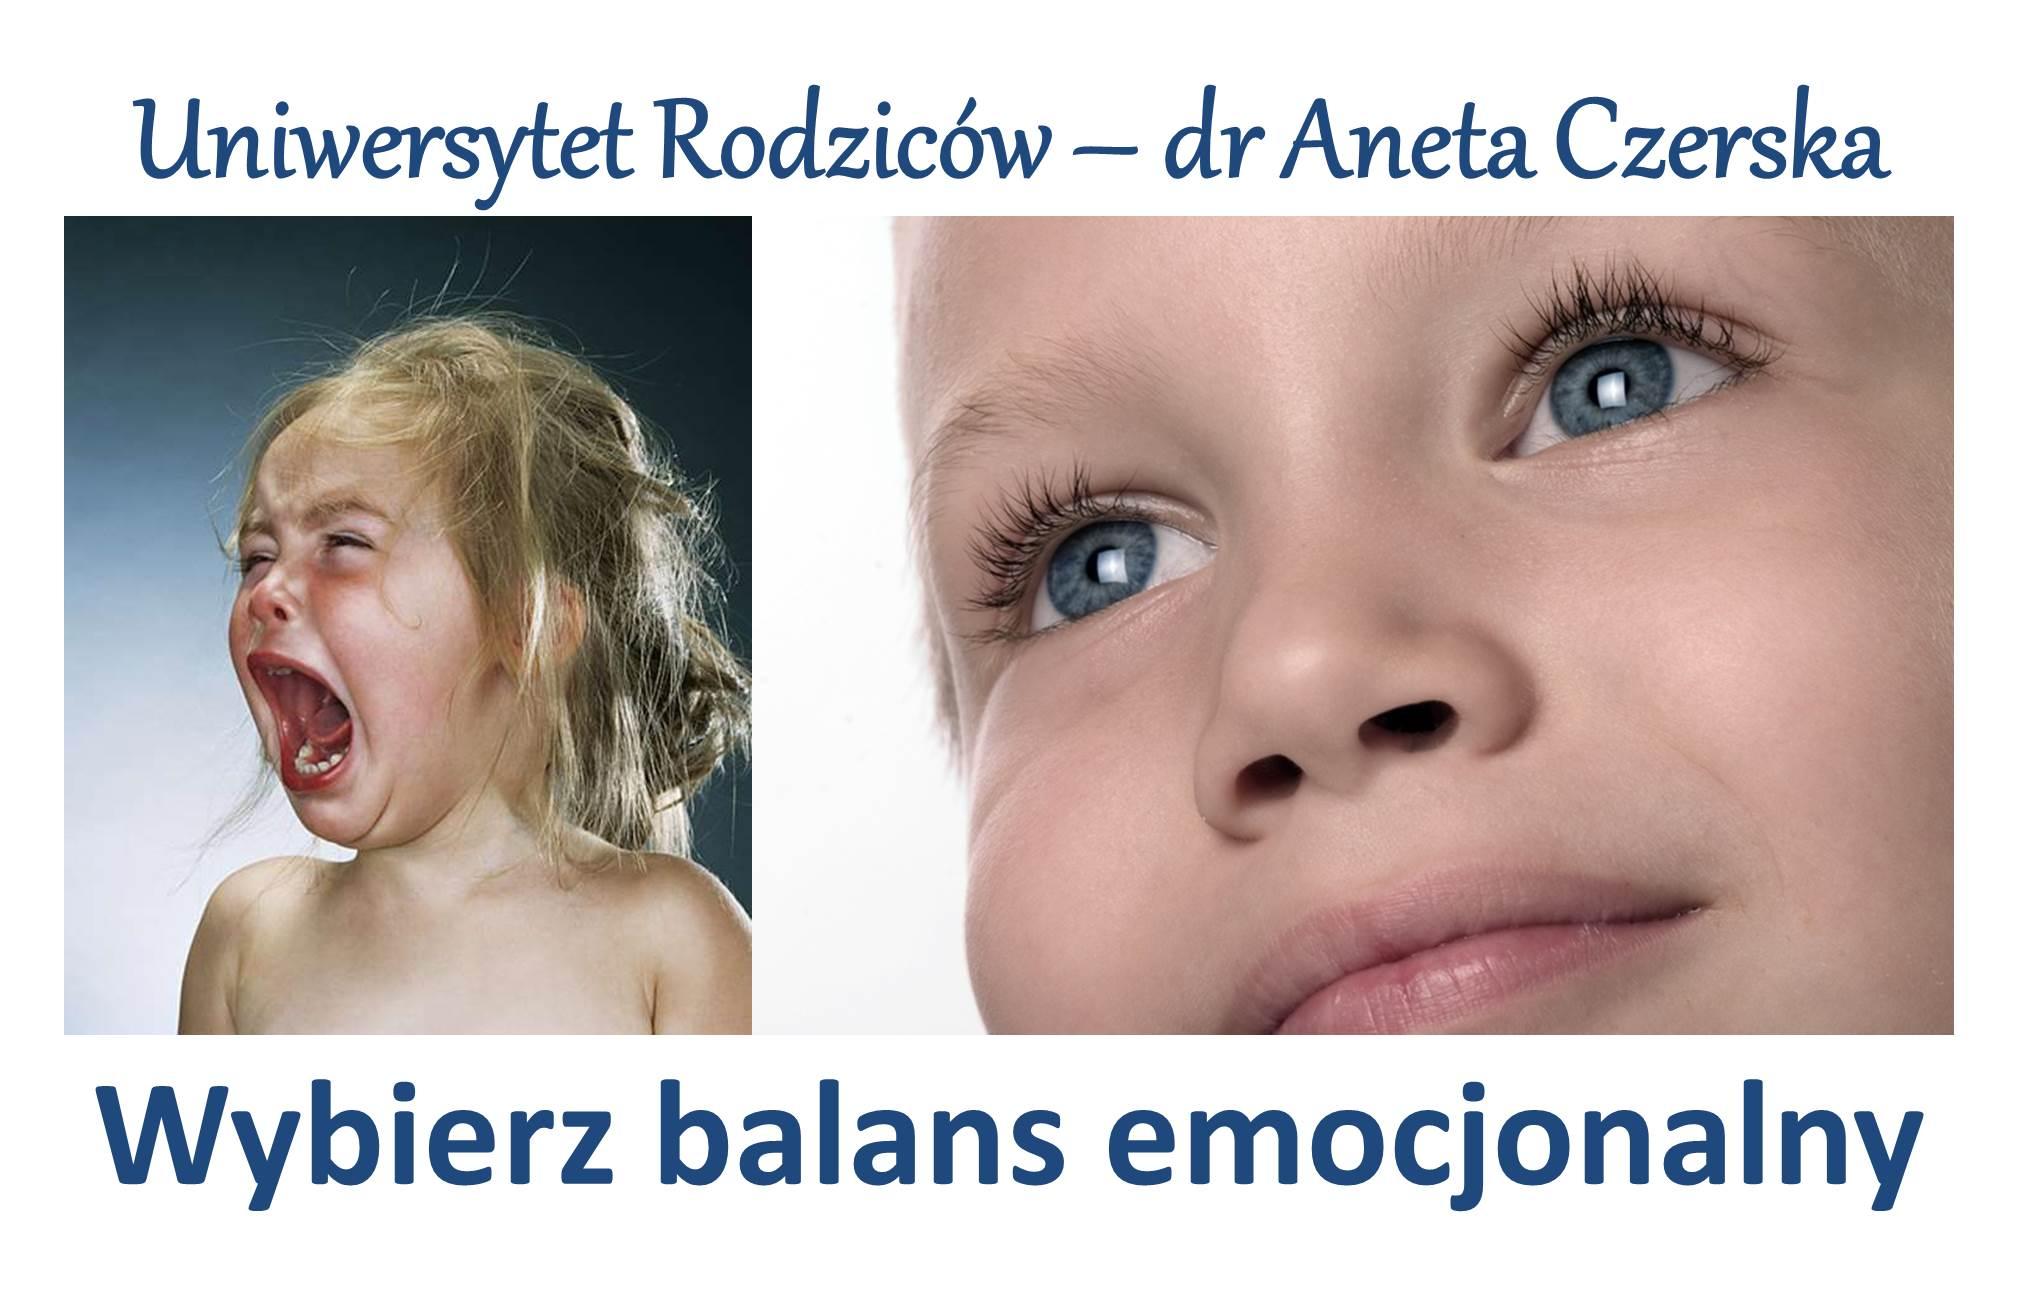 Balans emocjonalny w Uniwersytecie Rodziców